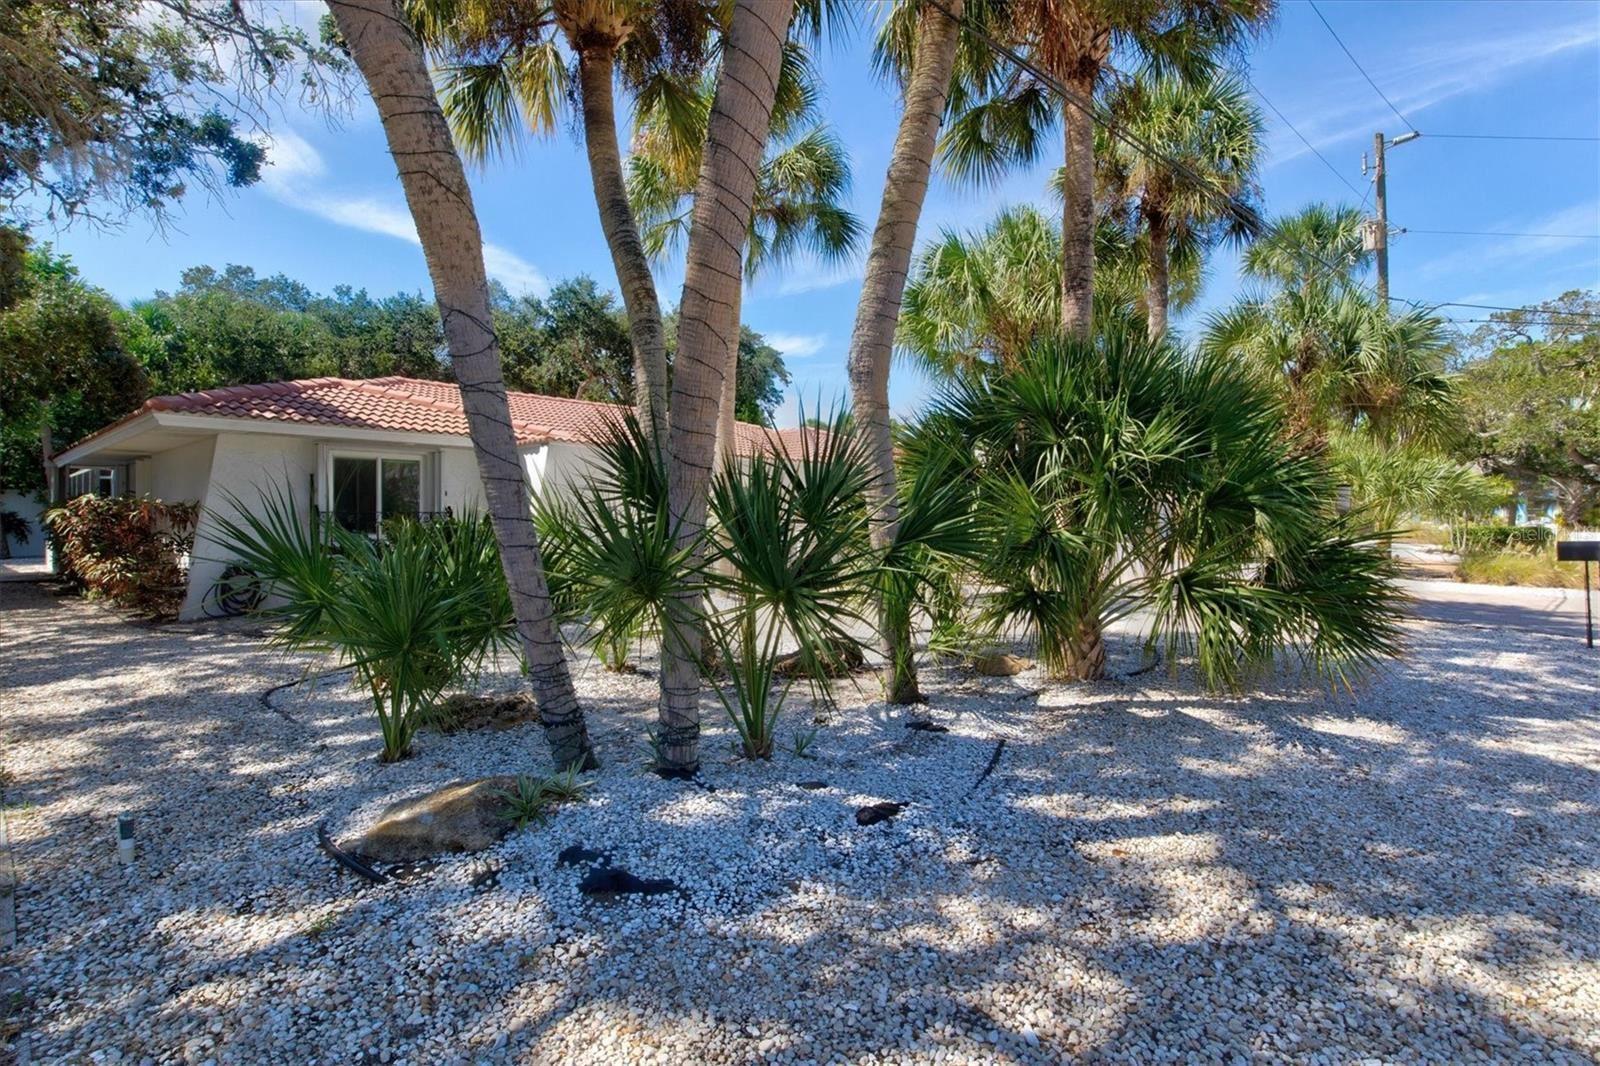 Photo of 726 BIRDSONG LANE, SARASOTA, FL 34242 (MLS # A4515030)